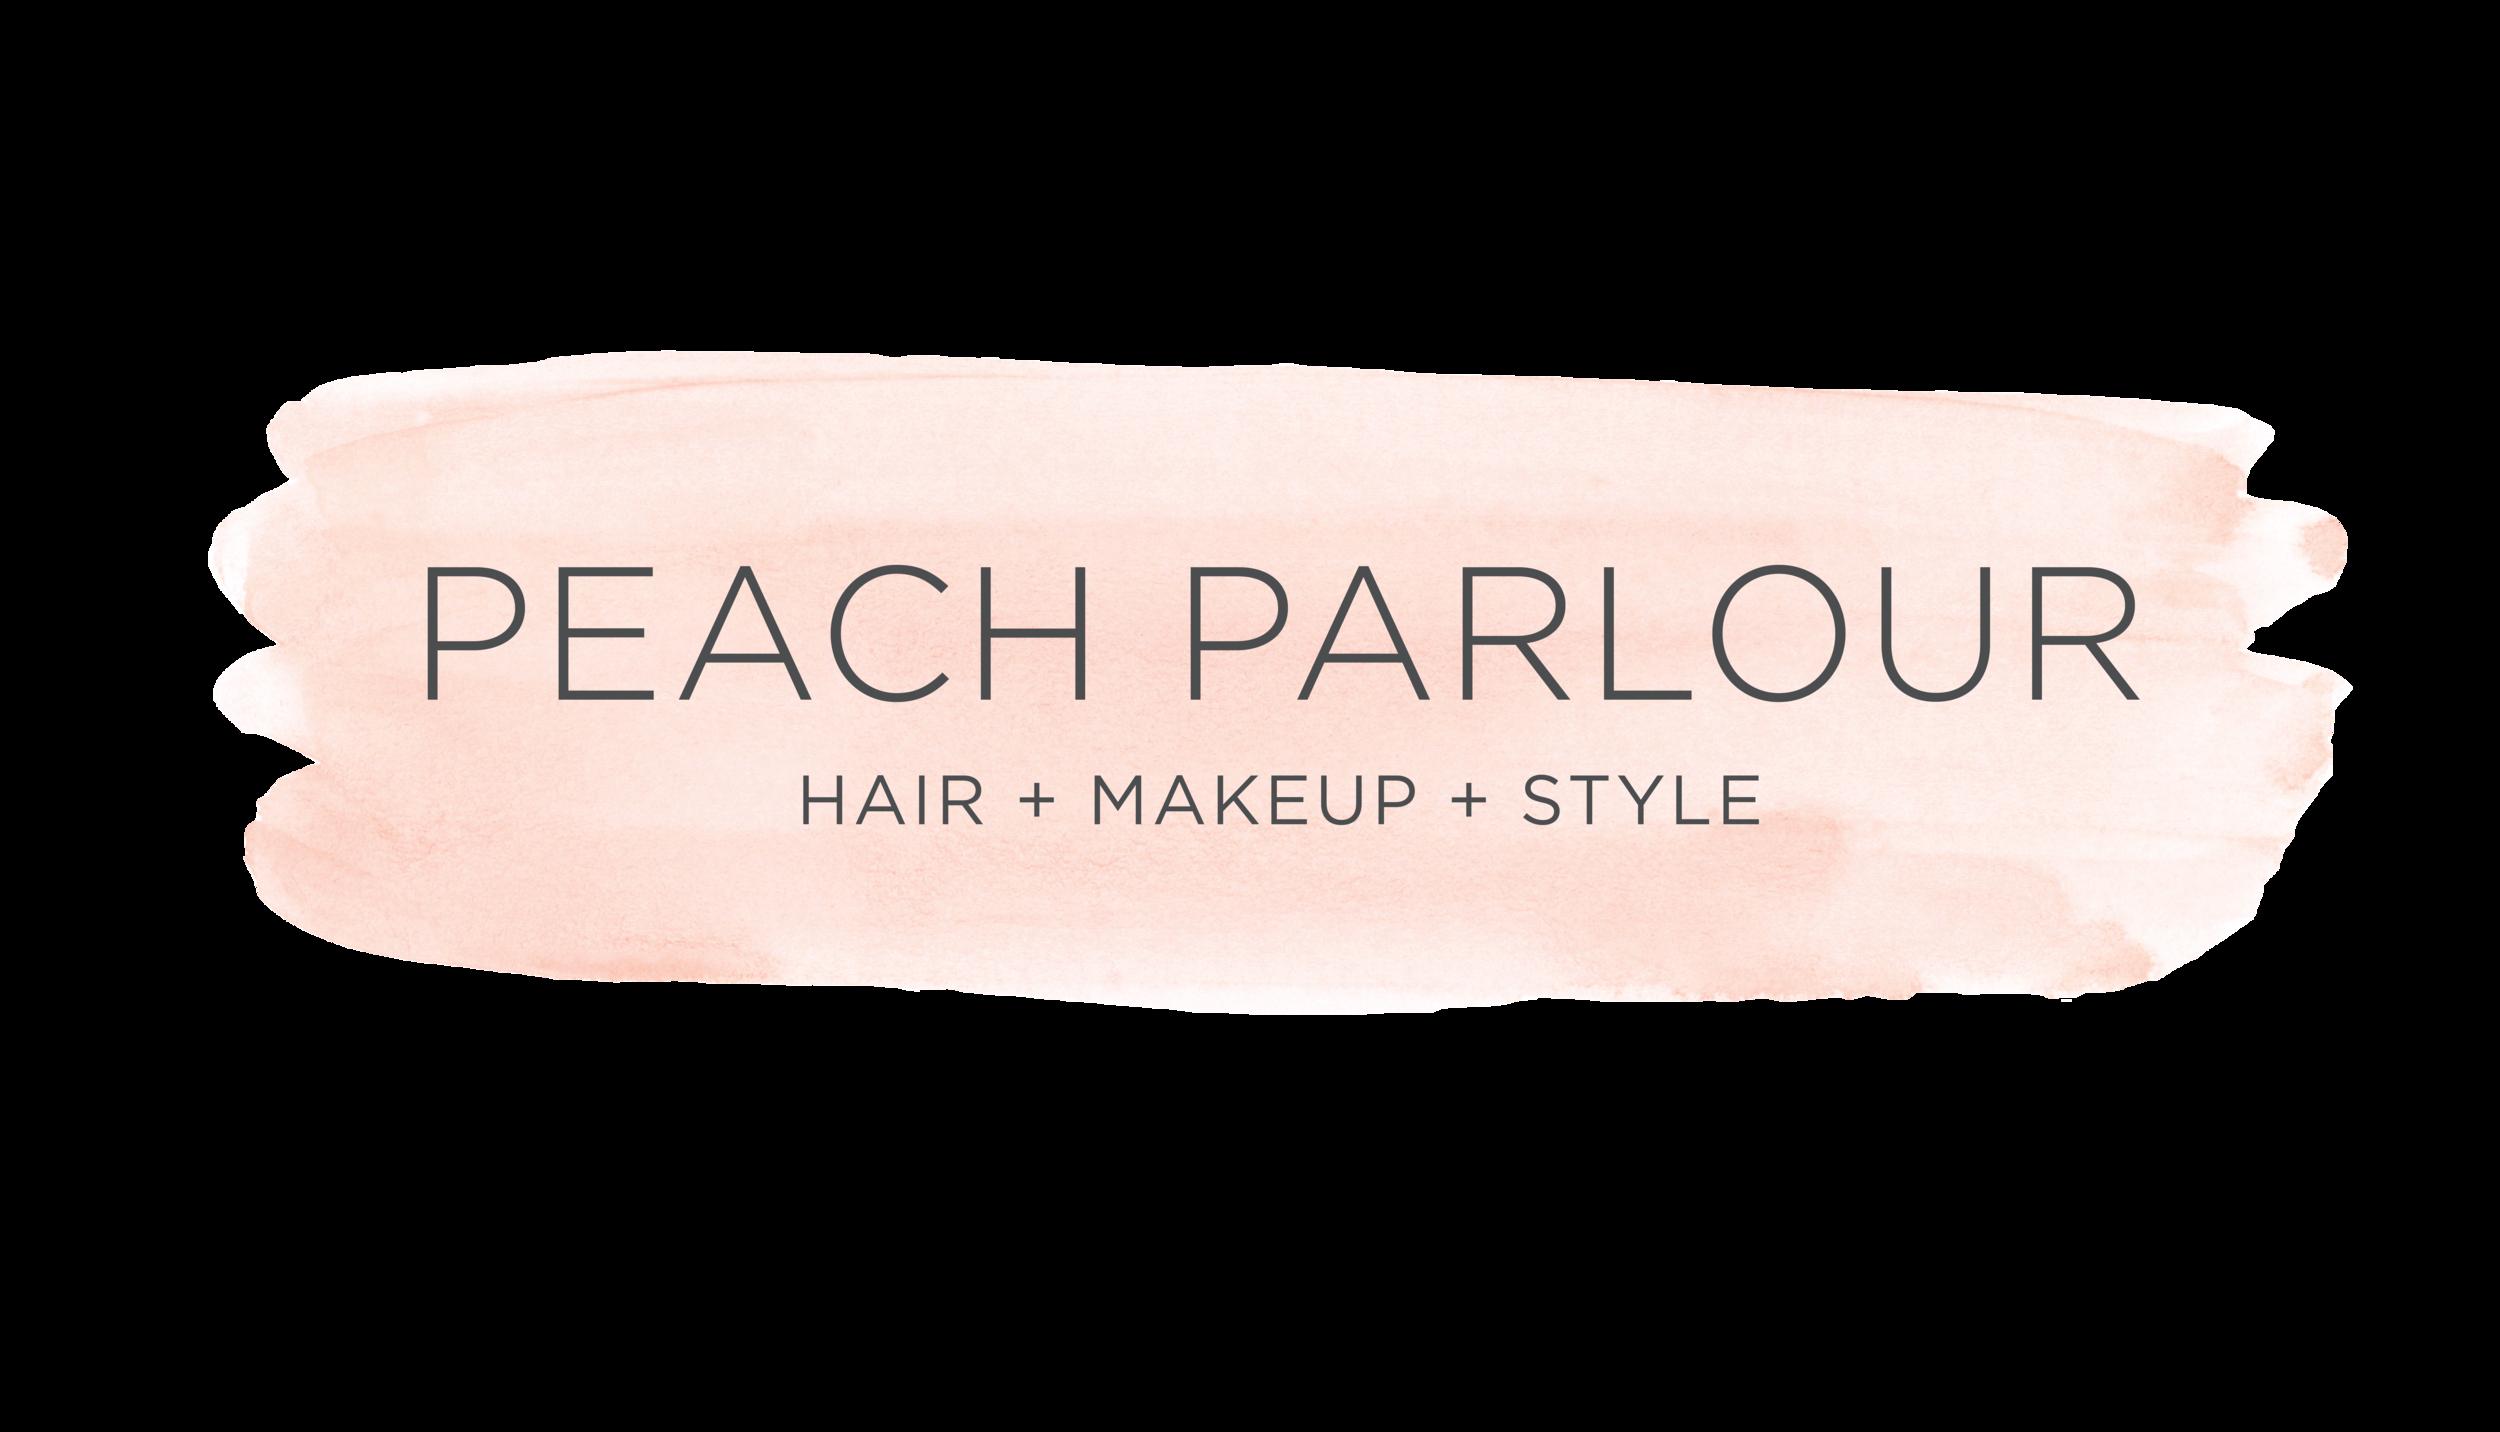 peachparlour_logo2_final.png